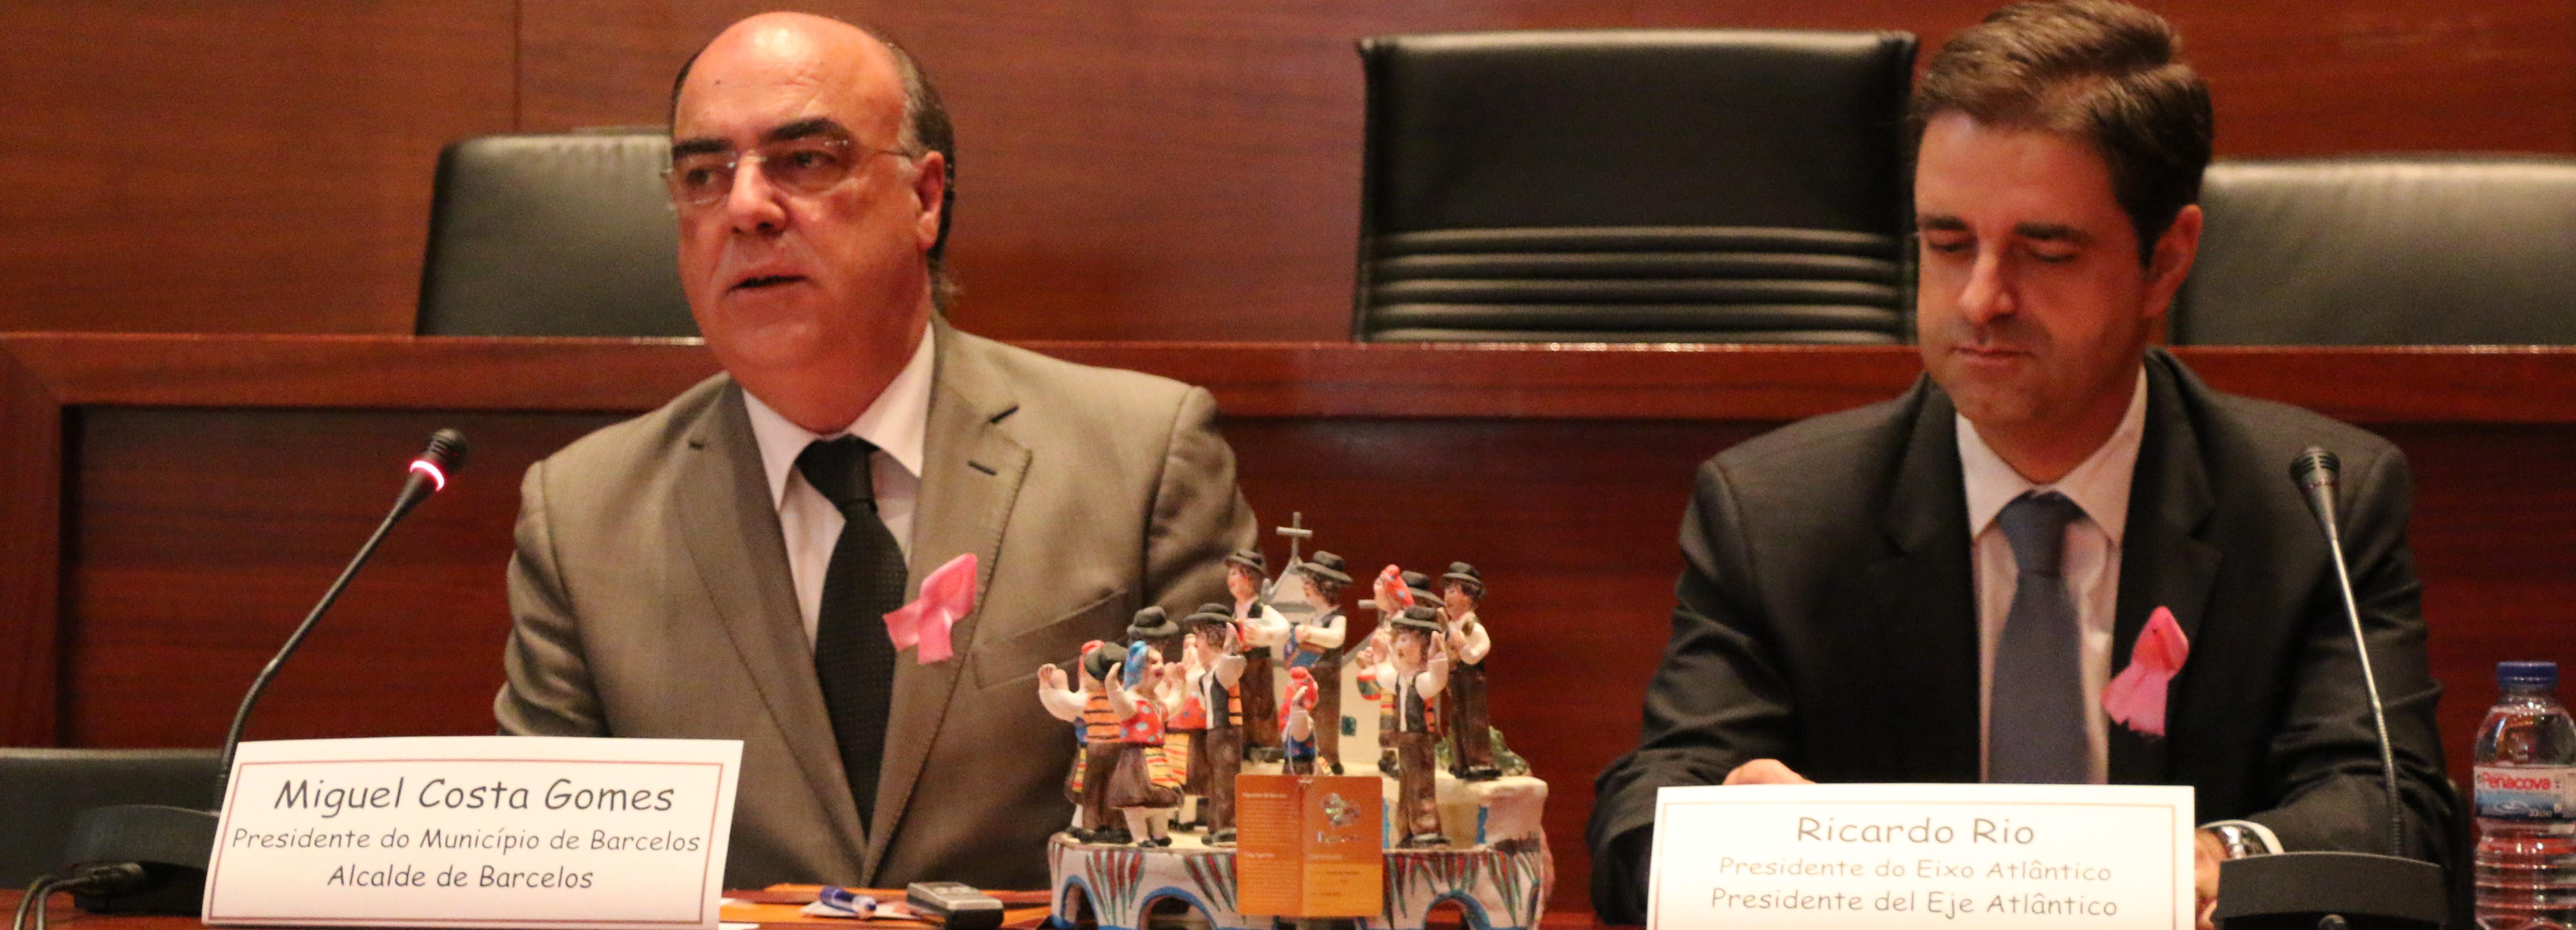 Feira de Barcelos palco de atração turística e de desenvolvimento económico